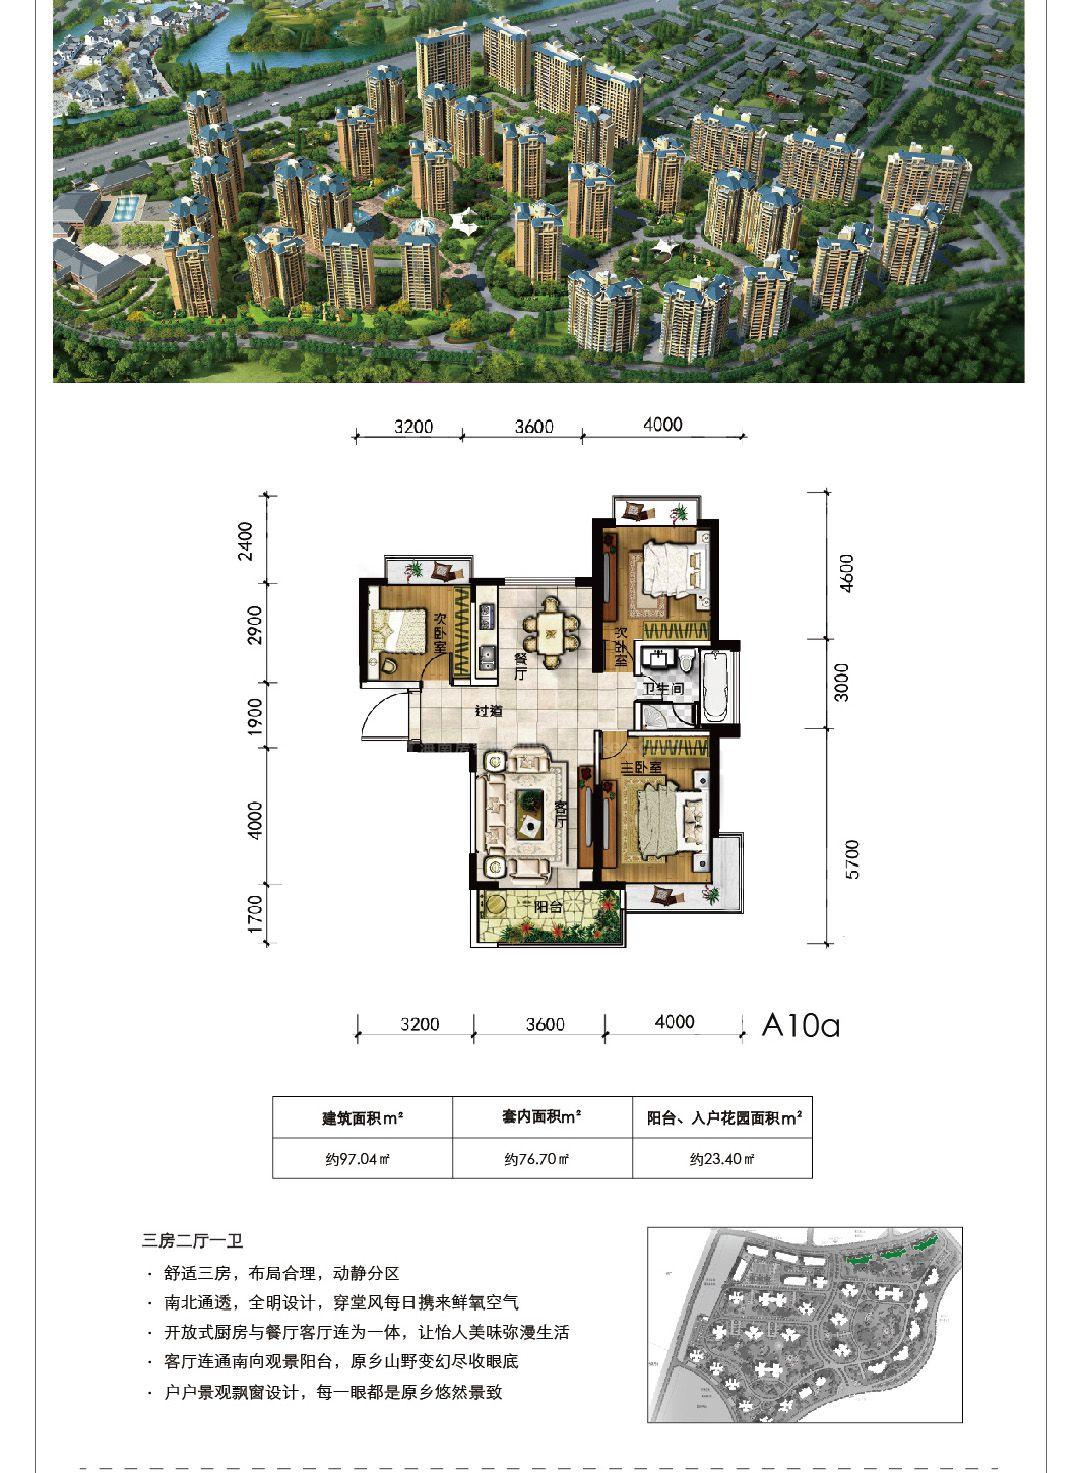 山居高黎洋房A10a户型 3室2厅1卫1厨 建筑面积:97.04㎡